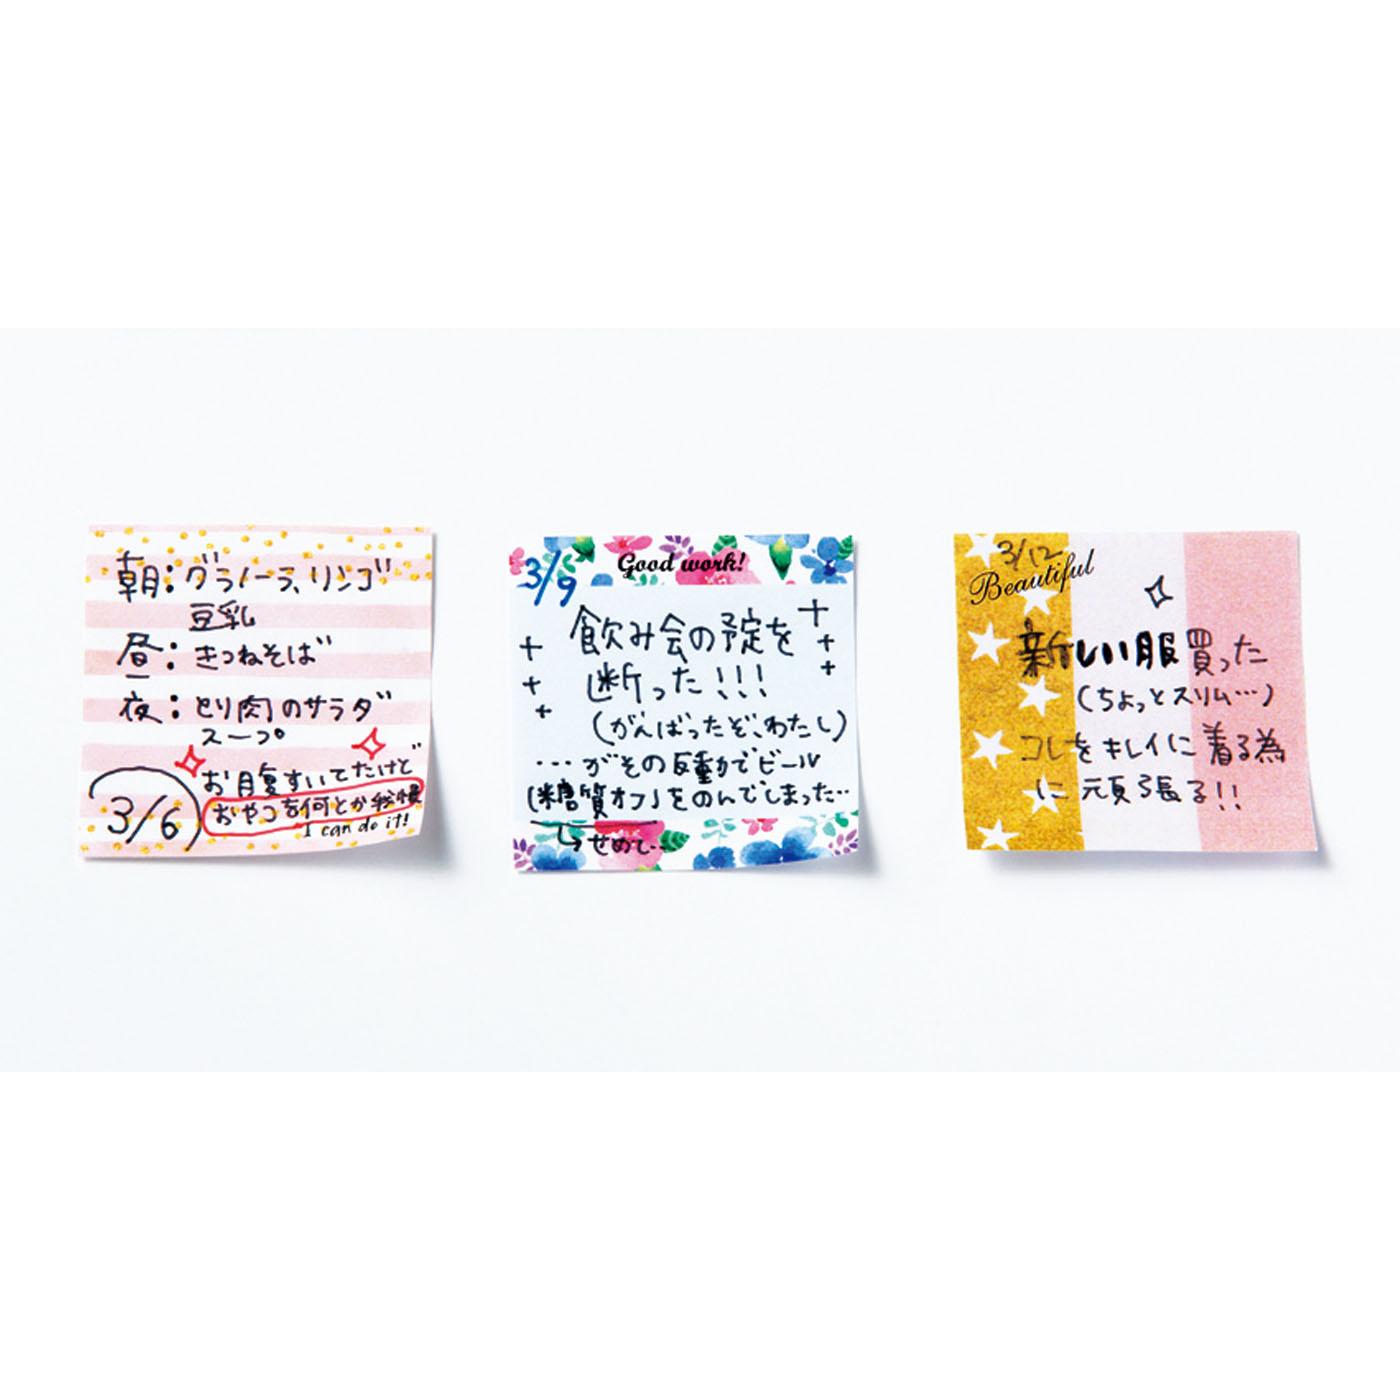 いつもよりがんばったこと、食べた内容や目標をふせんに書いてペタペタ貼ろう!